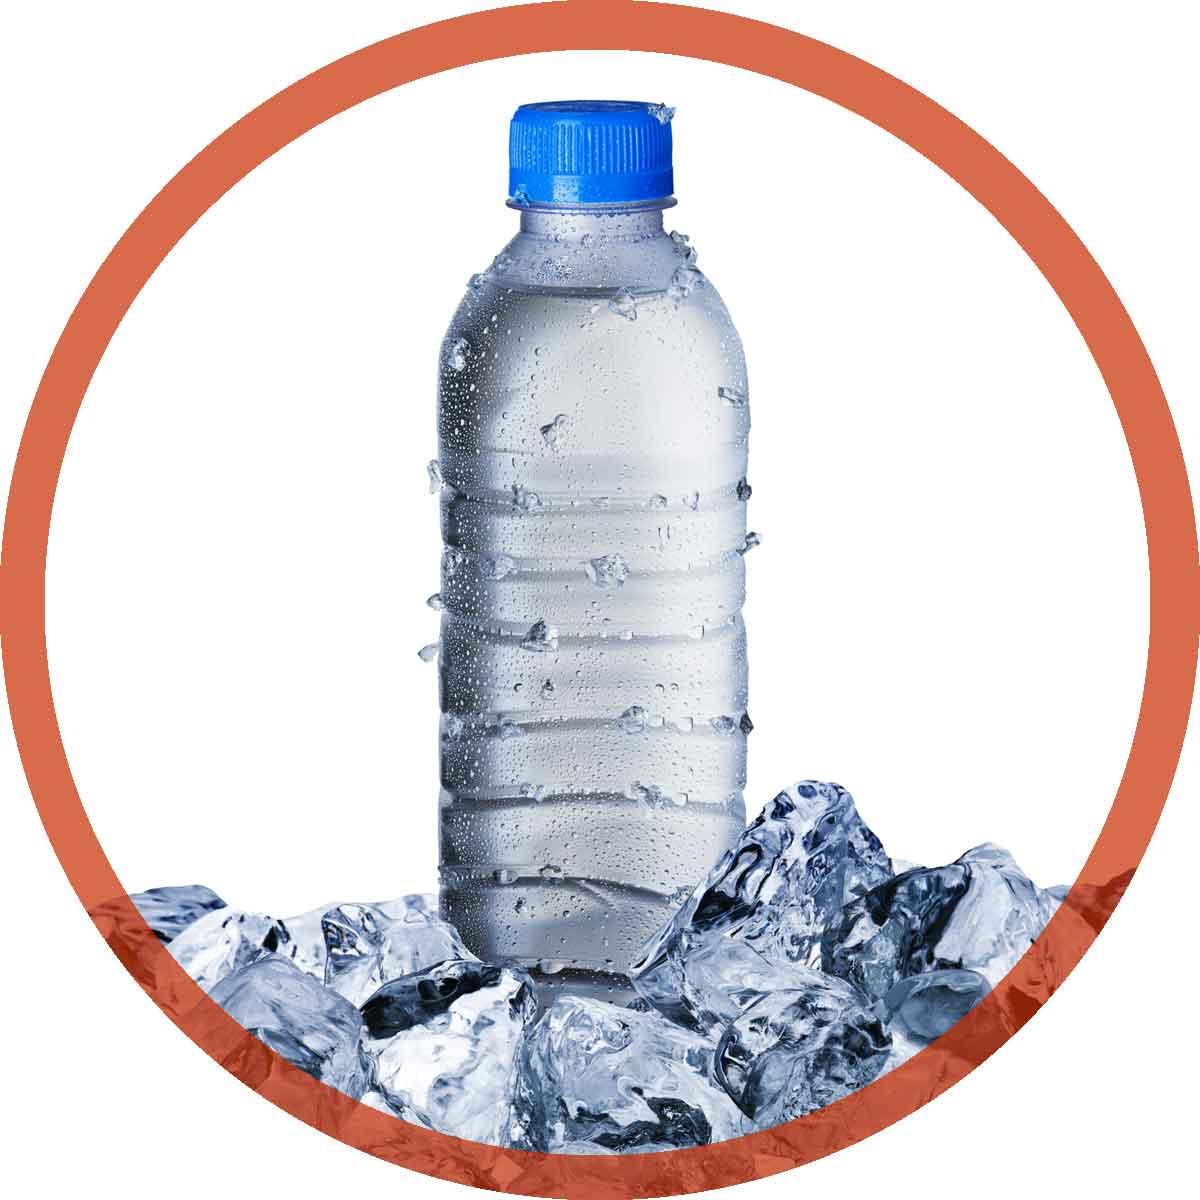 'Arafah Cold Water Distribution | توزيع الماء البارد في عرفة